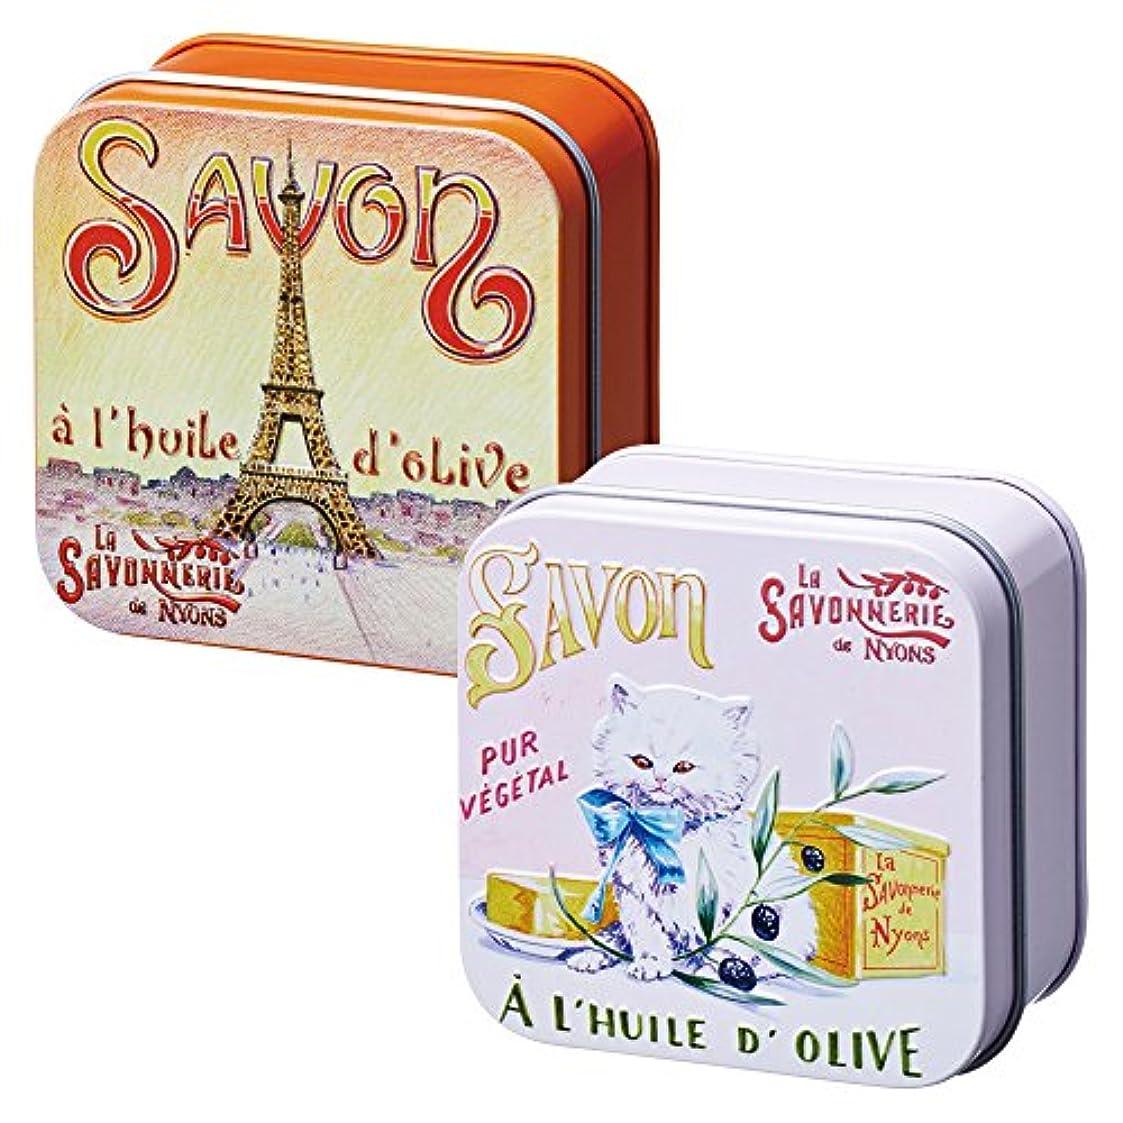 海藻感じ溶けたフランスお土産 ラ?サボネリー アンティーク缶入り石けん 2種セット(子猫&エッフェル塔)